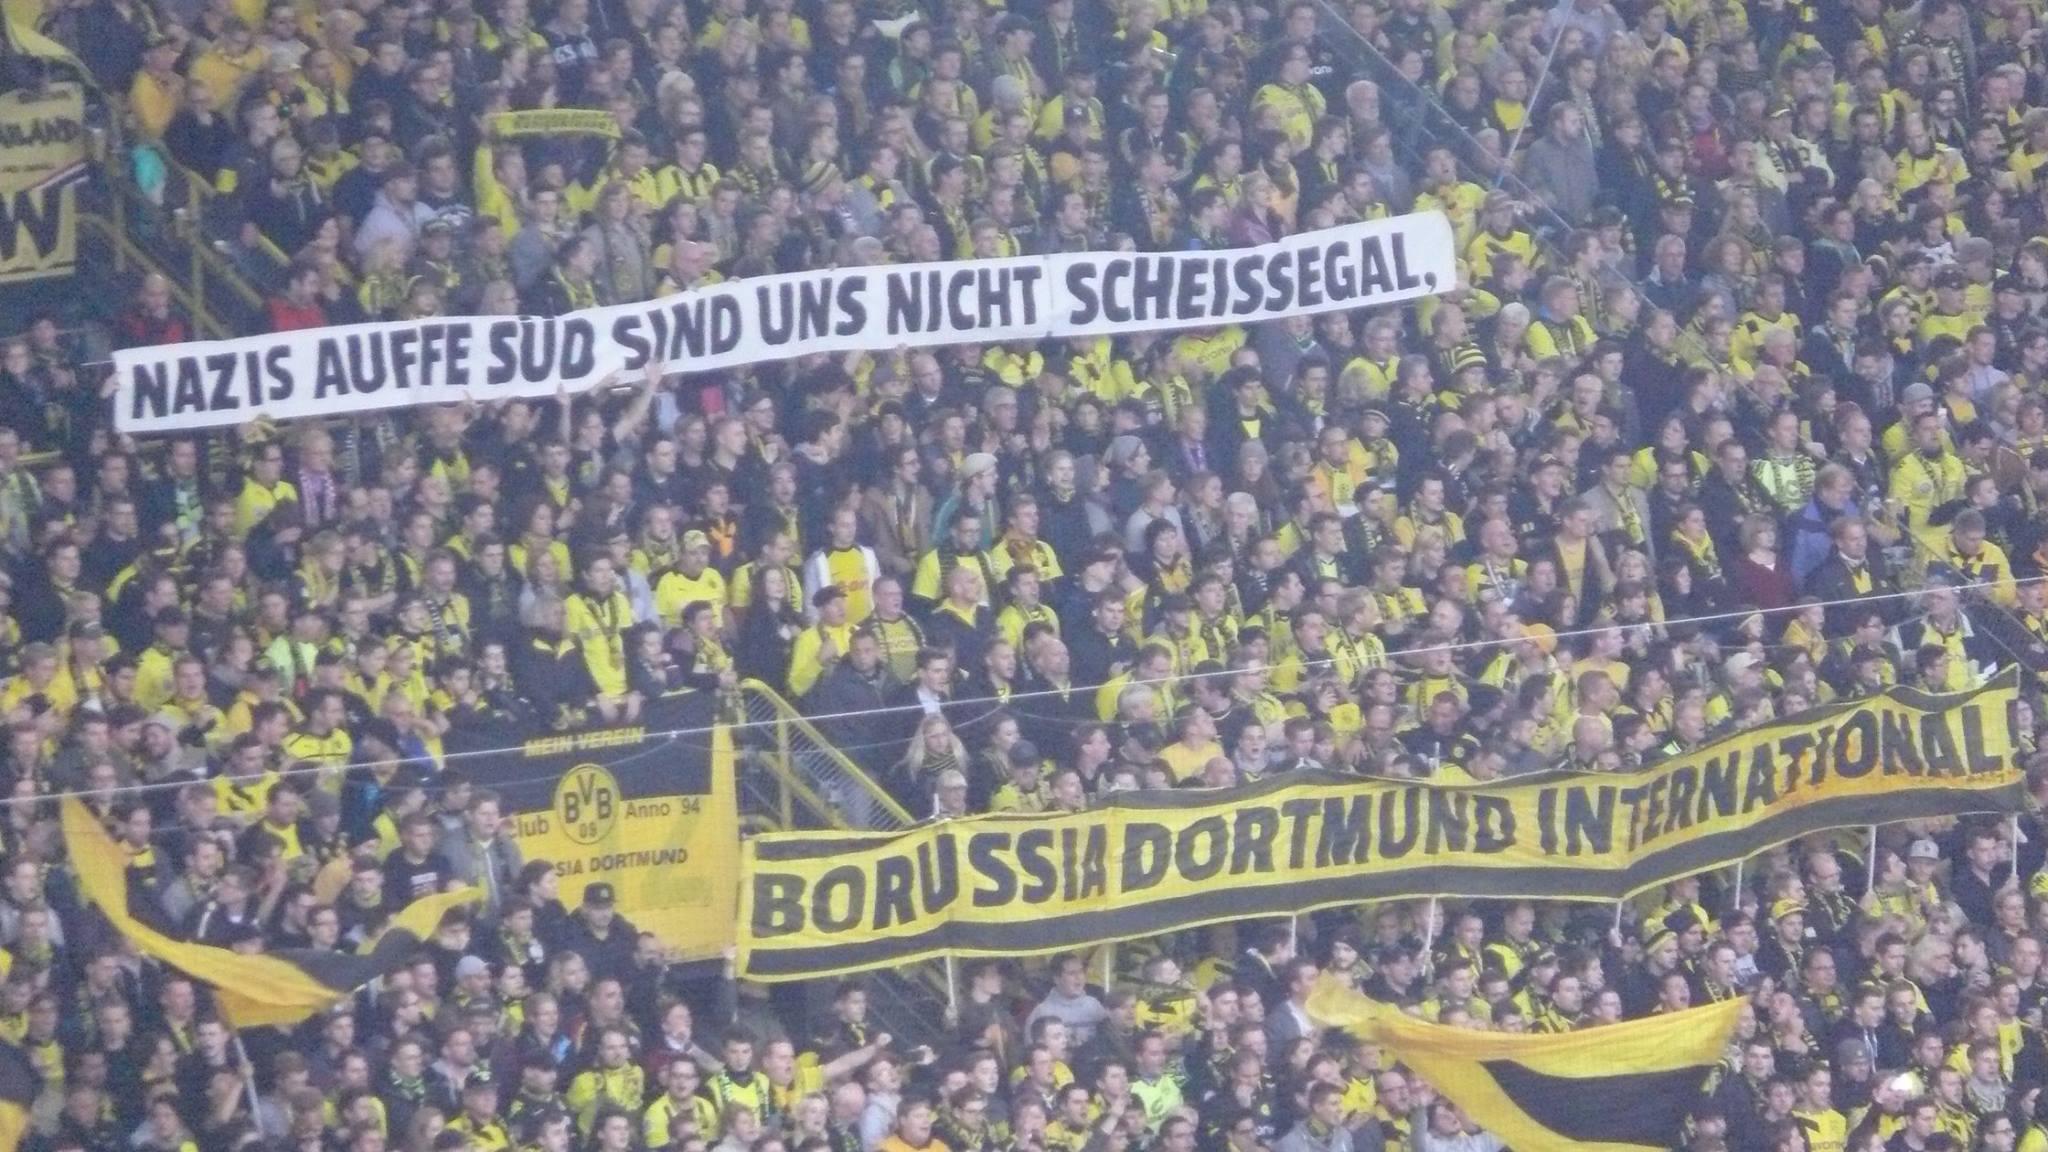 Nazis auffe Süd sind uns nicht scheissegal. Borussia Dortmund International